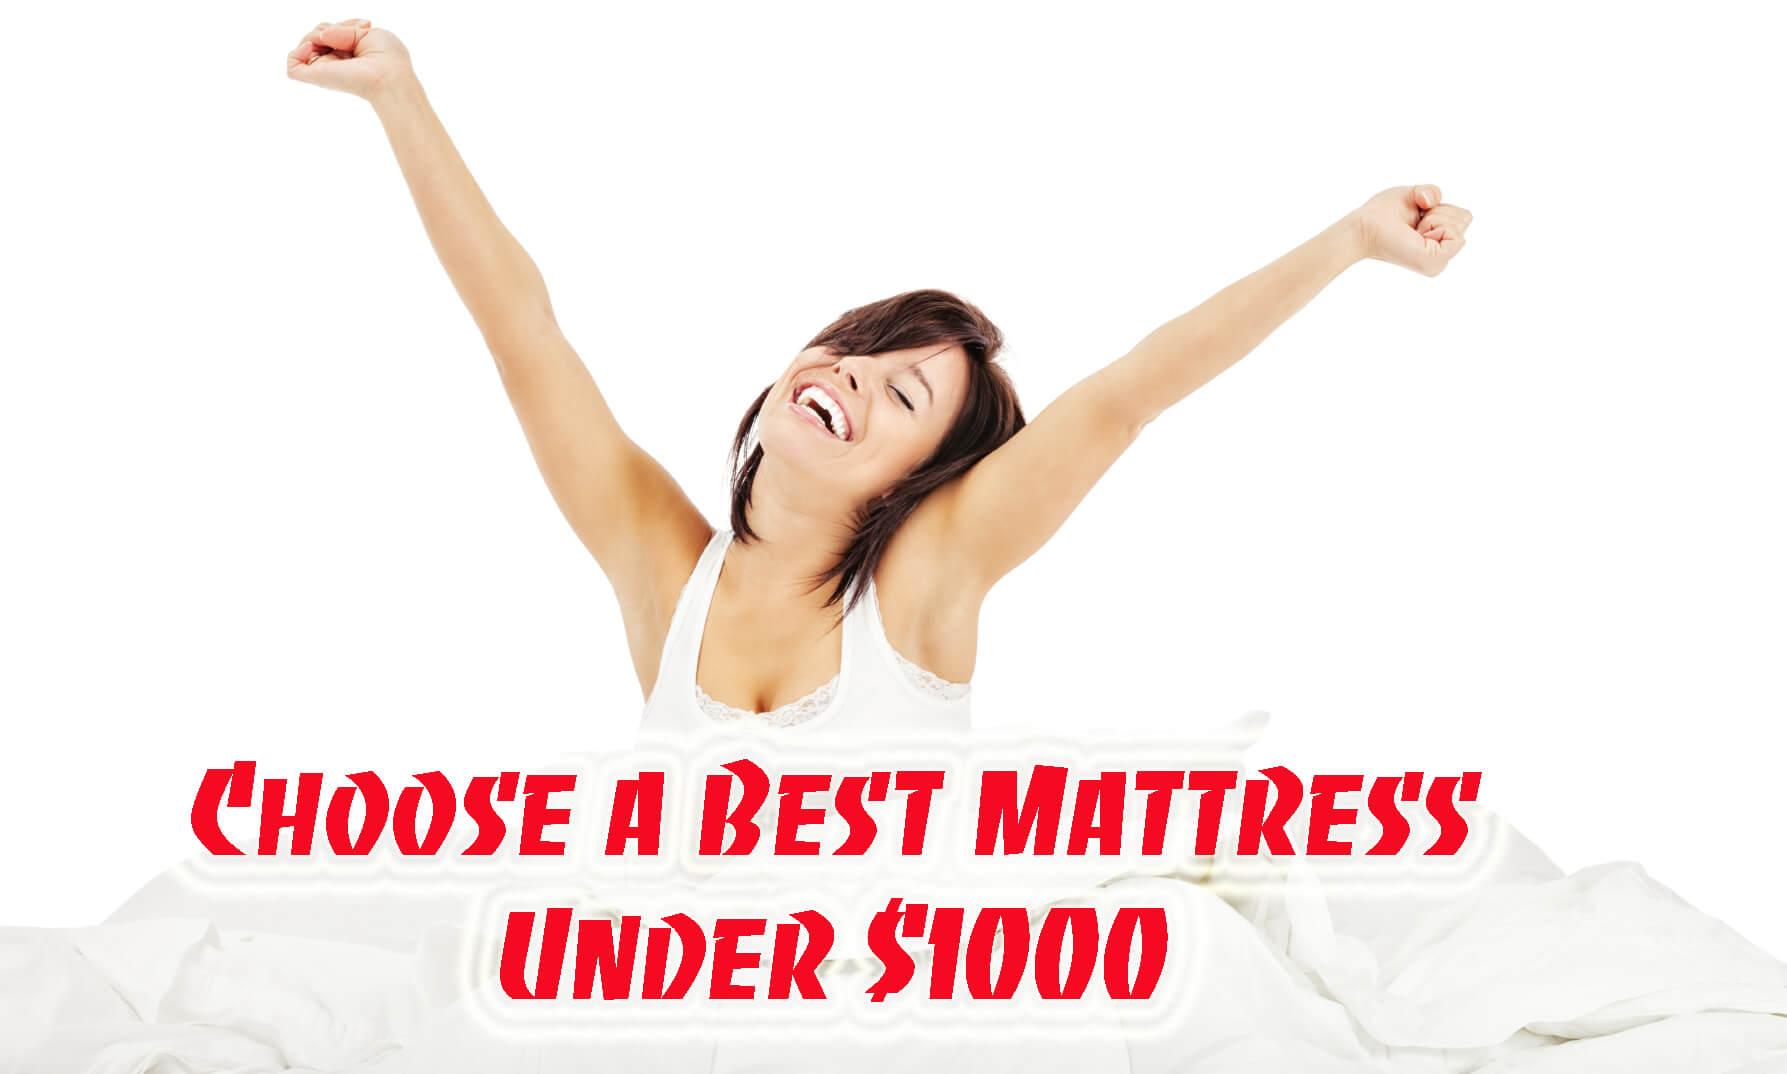 Choose A Best Mattress Under $1000